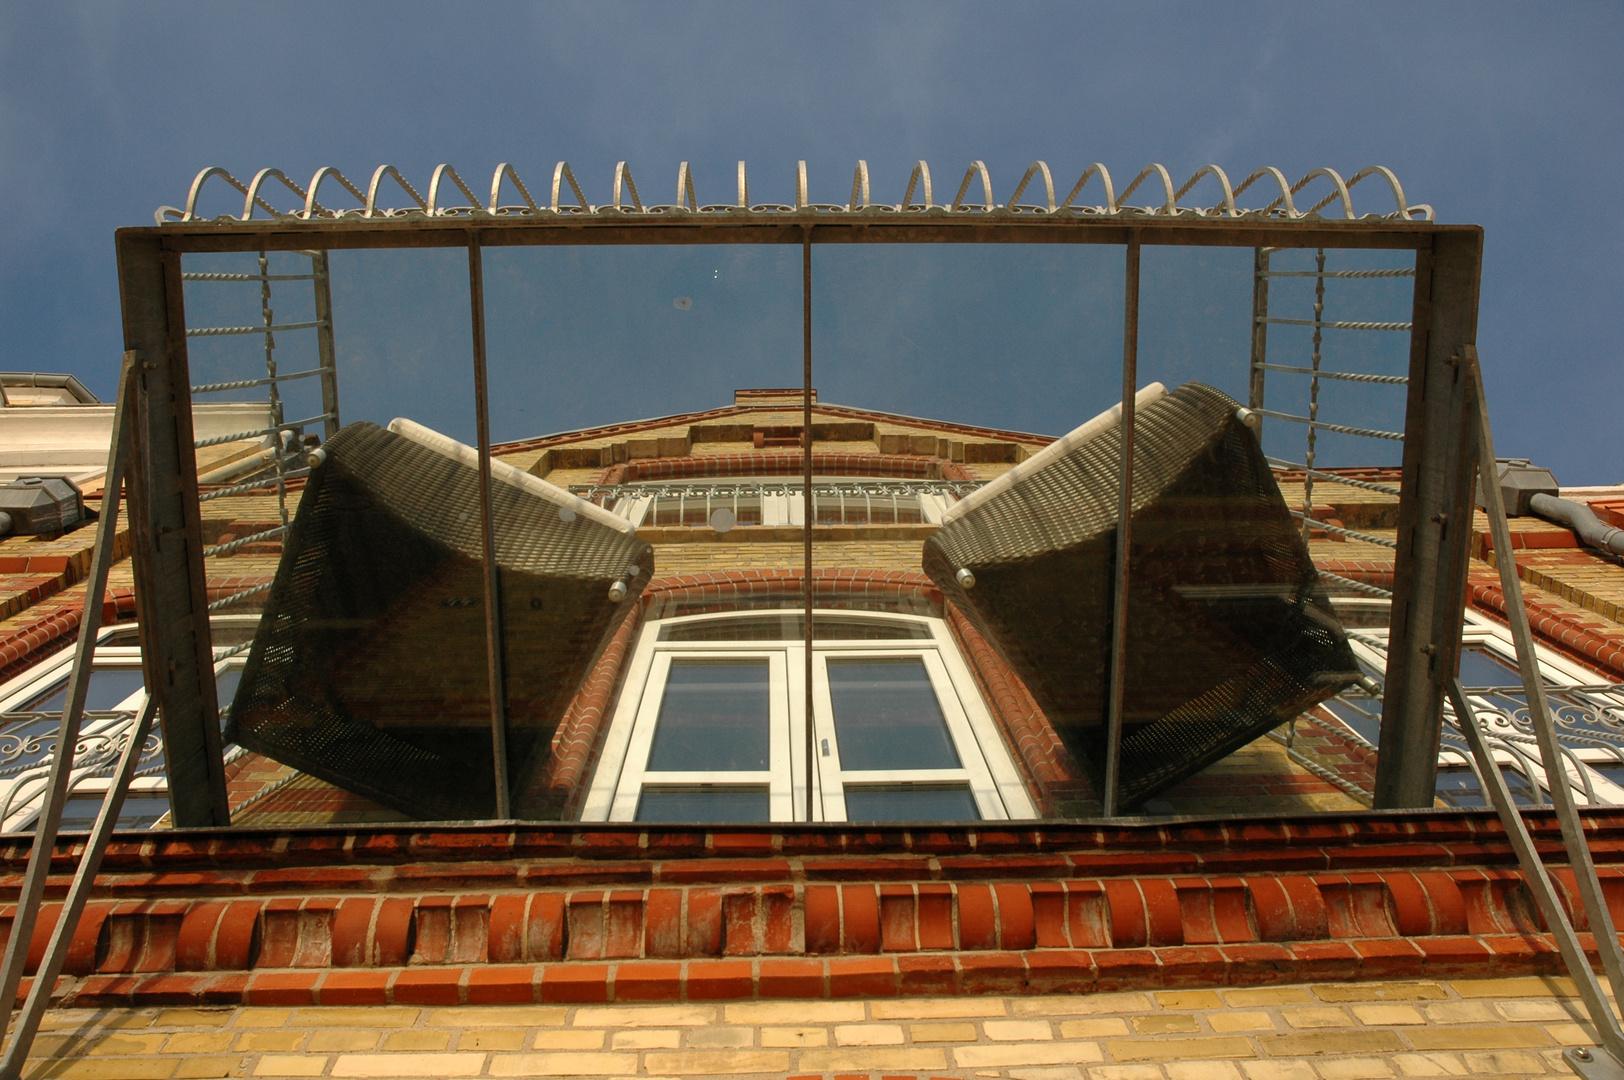 Balkon in Sonderborg/Dk